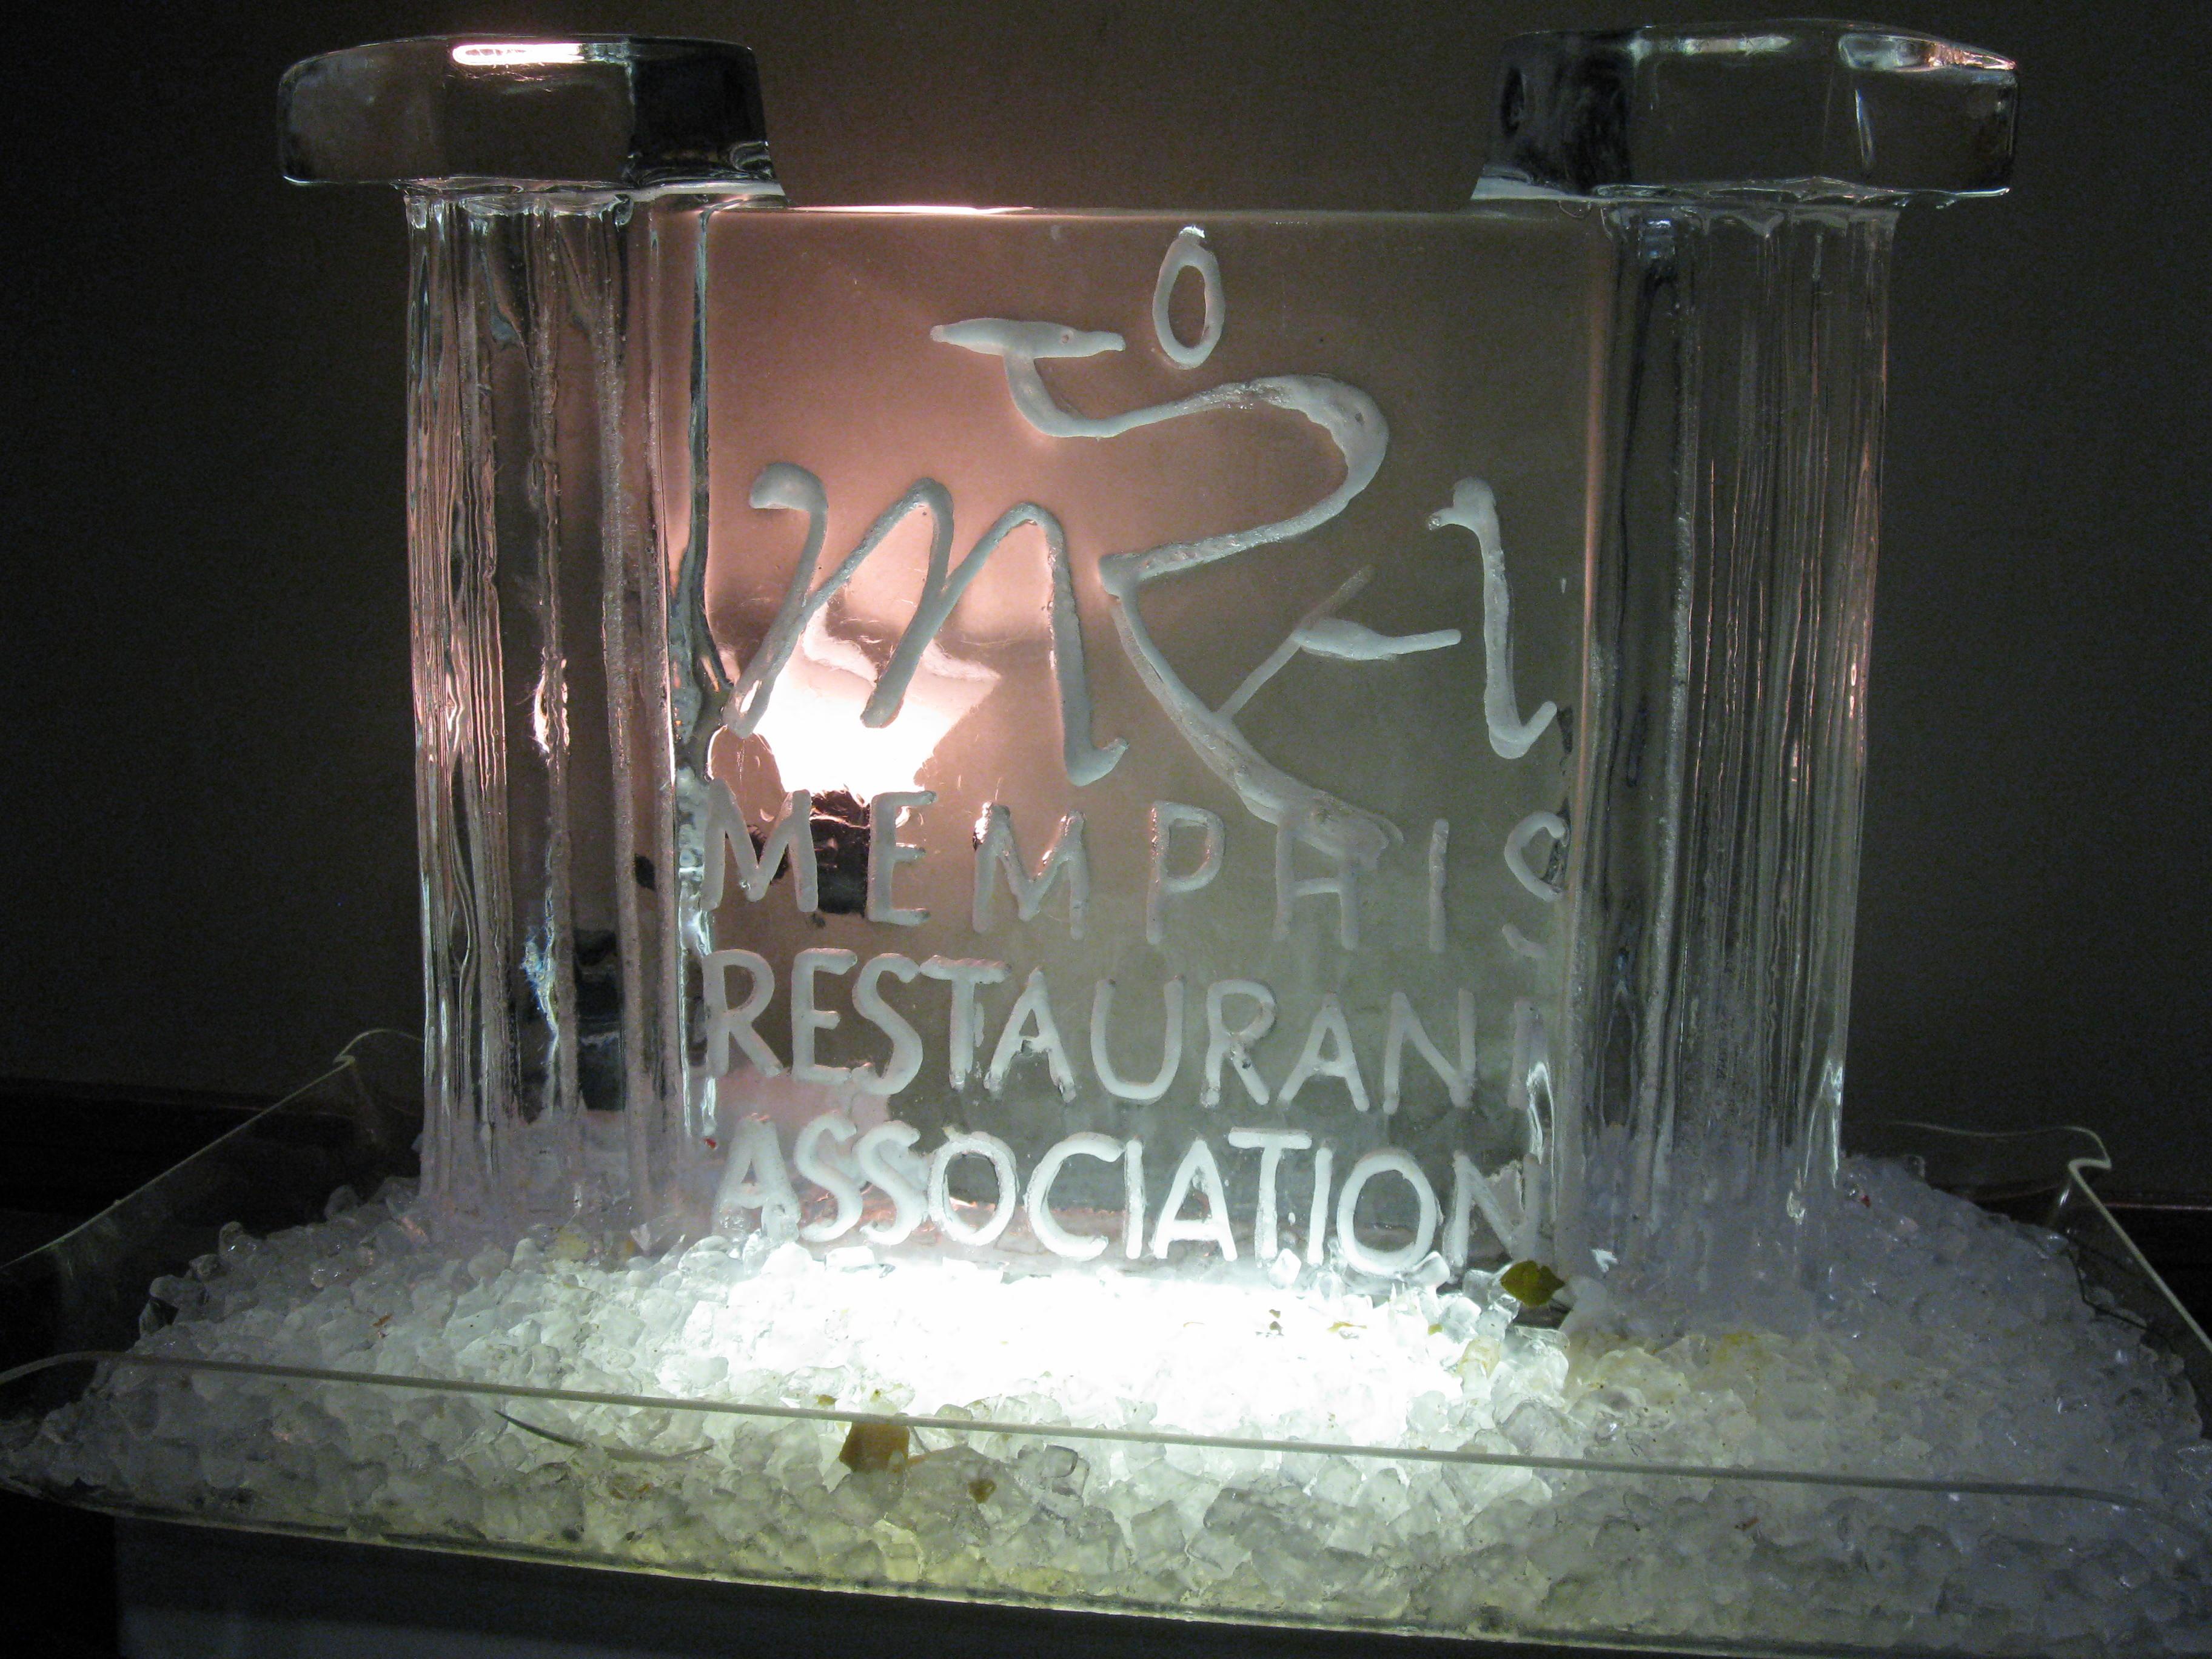 DCR's Brad Leslie wins the Memphis Restaurant Association's Associate Member of the Year 2011!